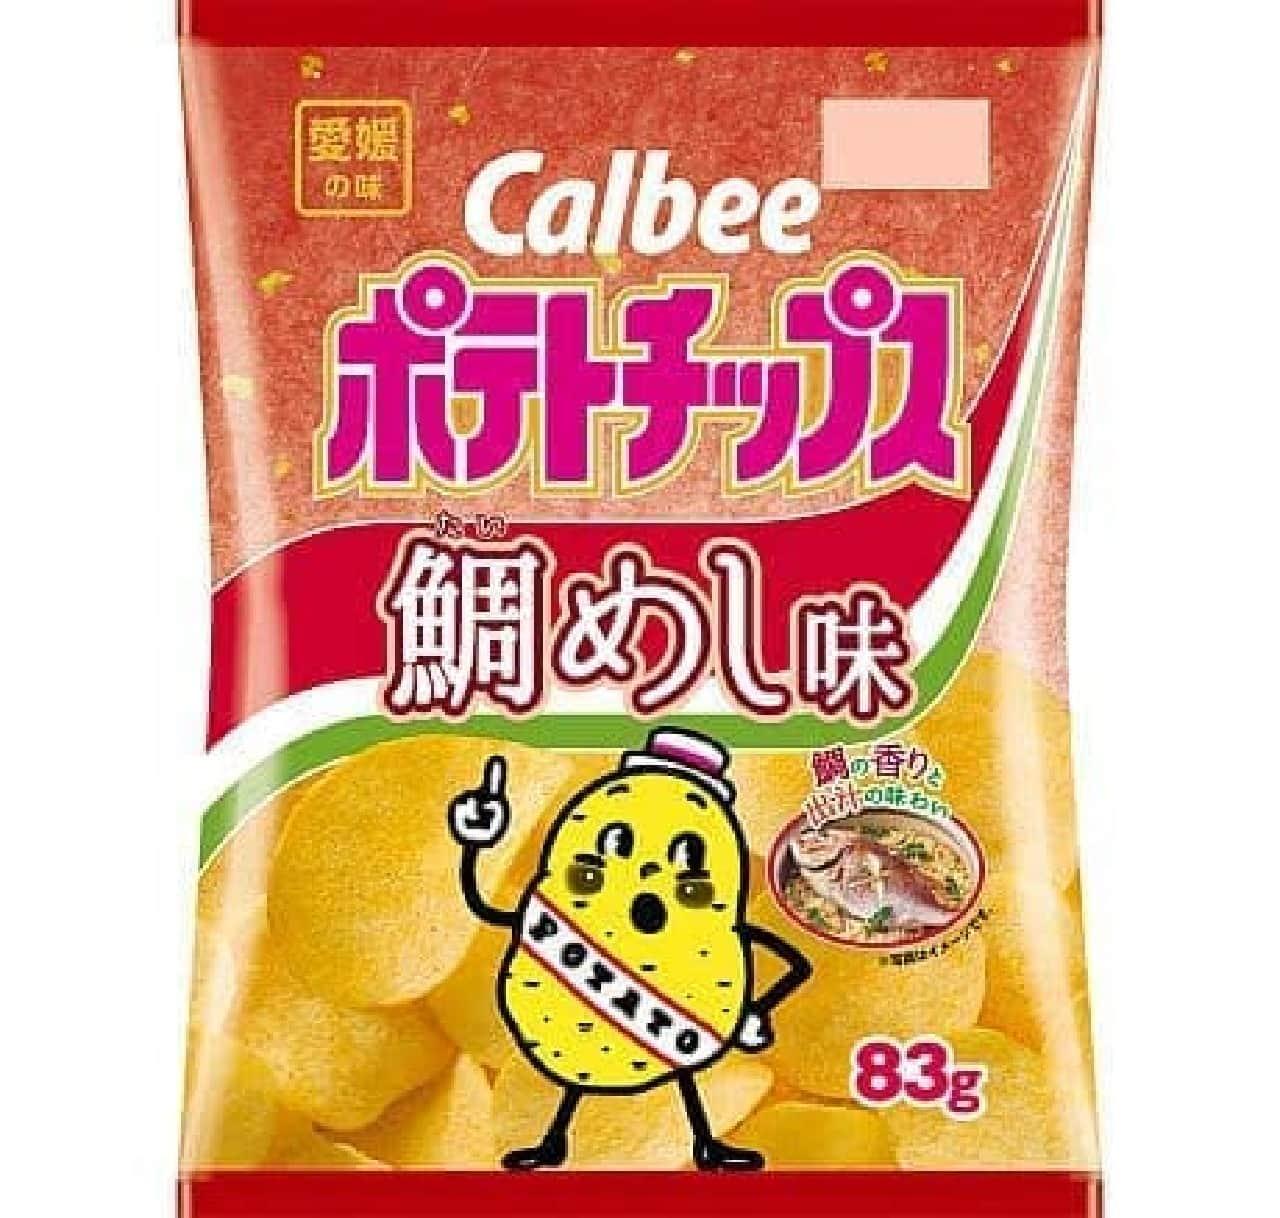 カルビー「ポテトチップス 鯛めし味」